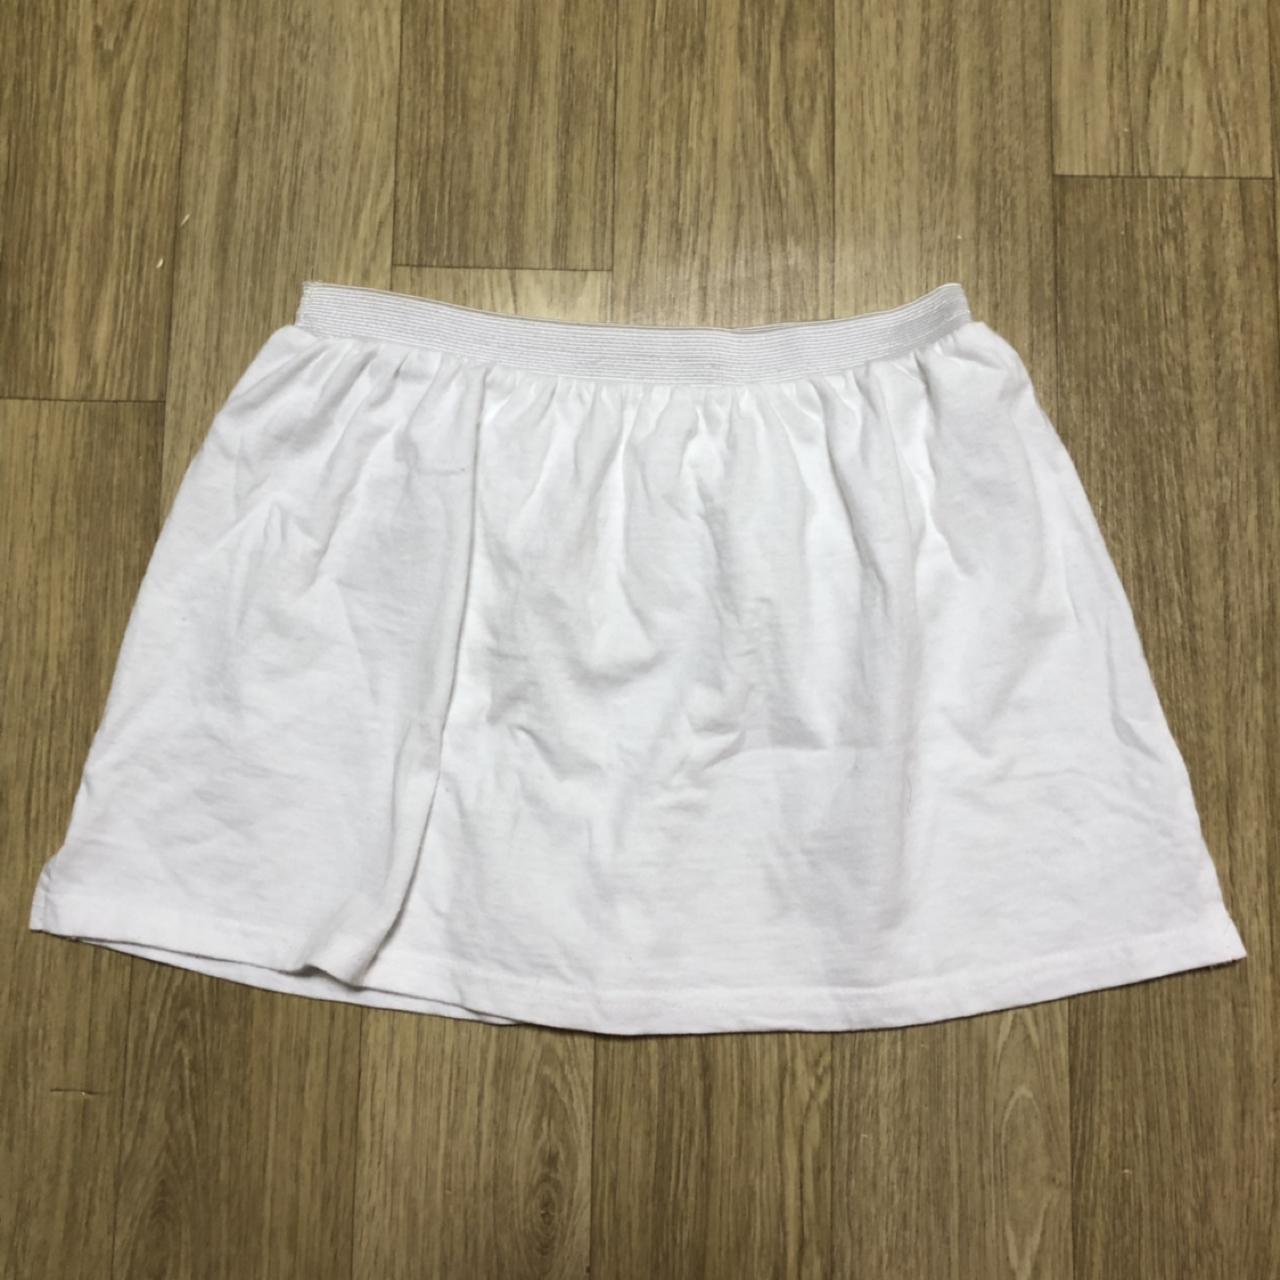 레이어드 밴드 스커트 티셔츠 화이트 프리 xl